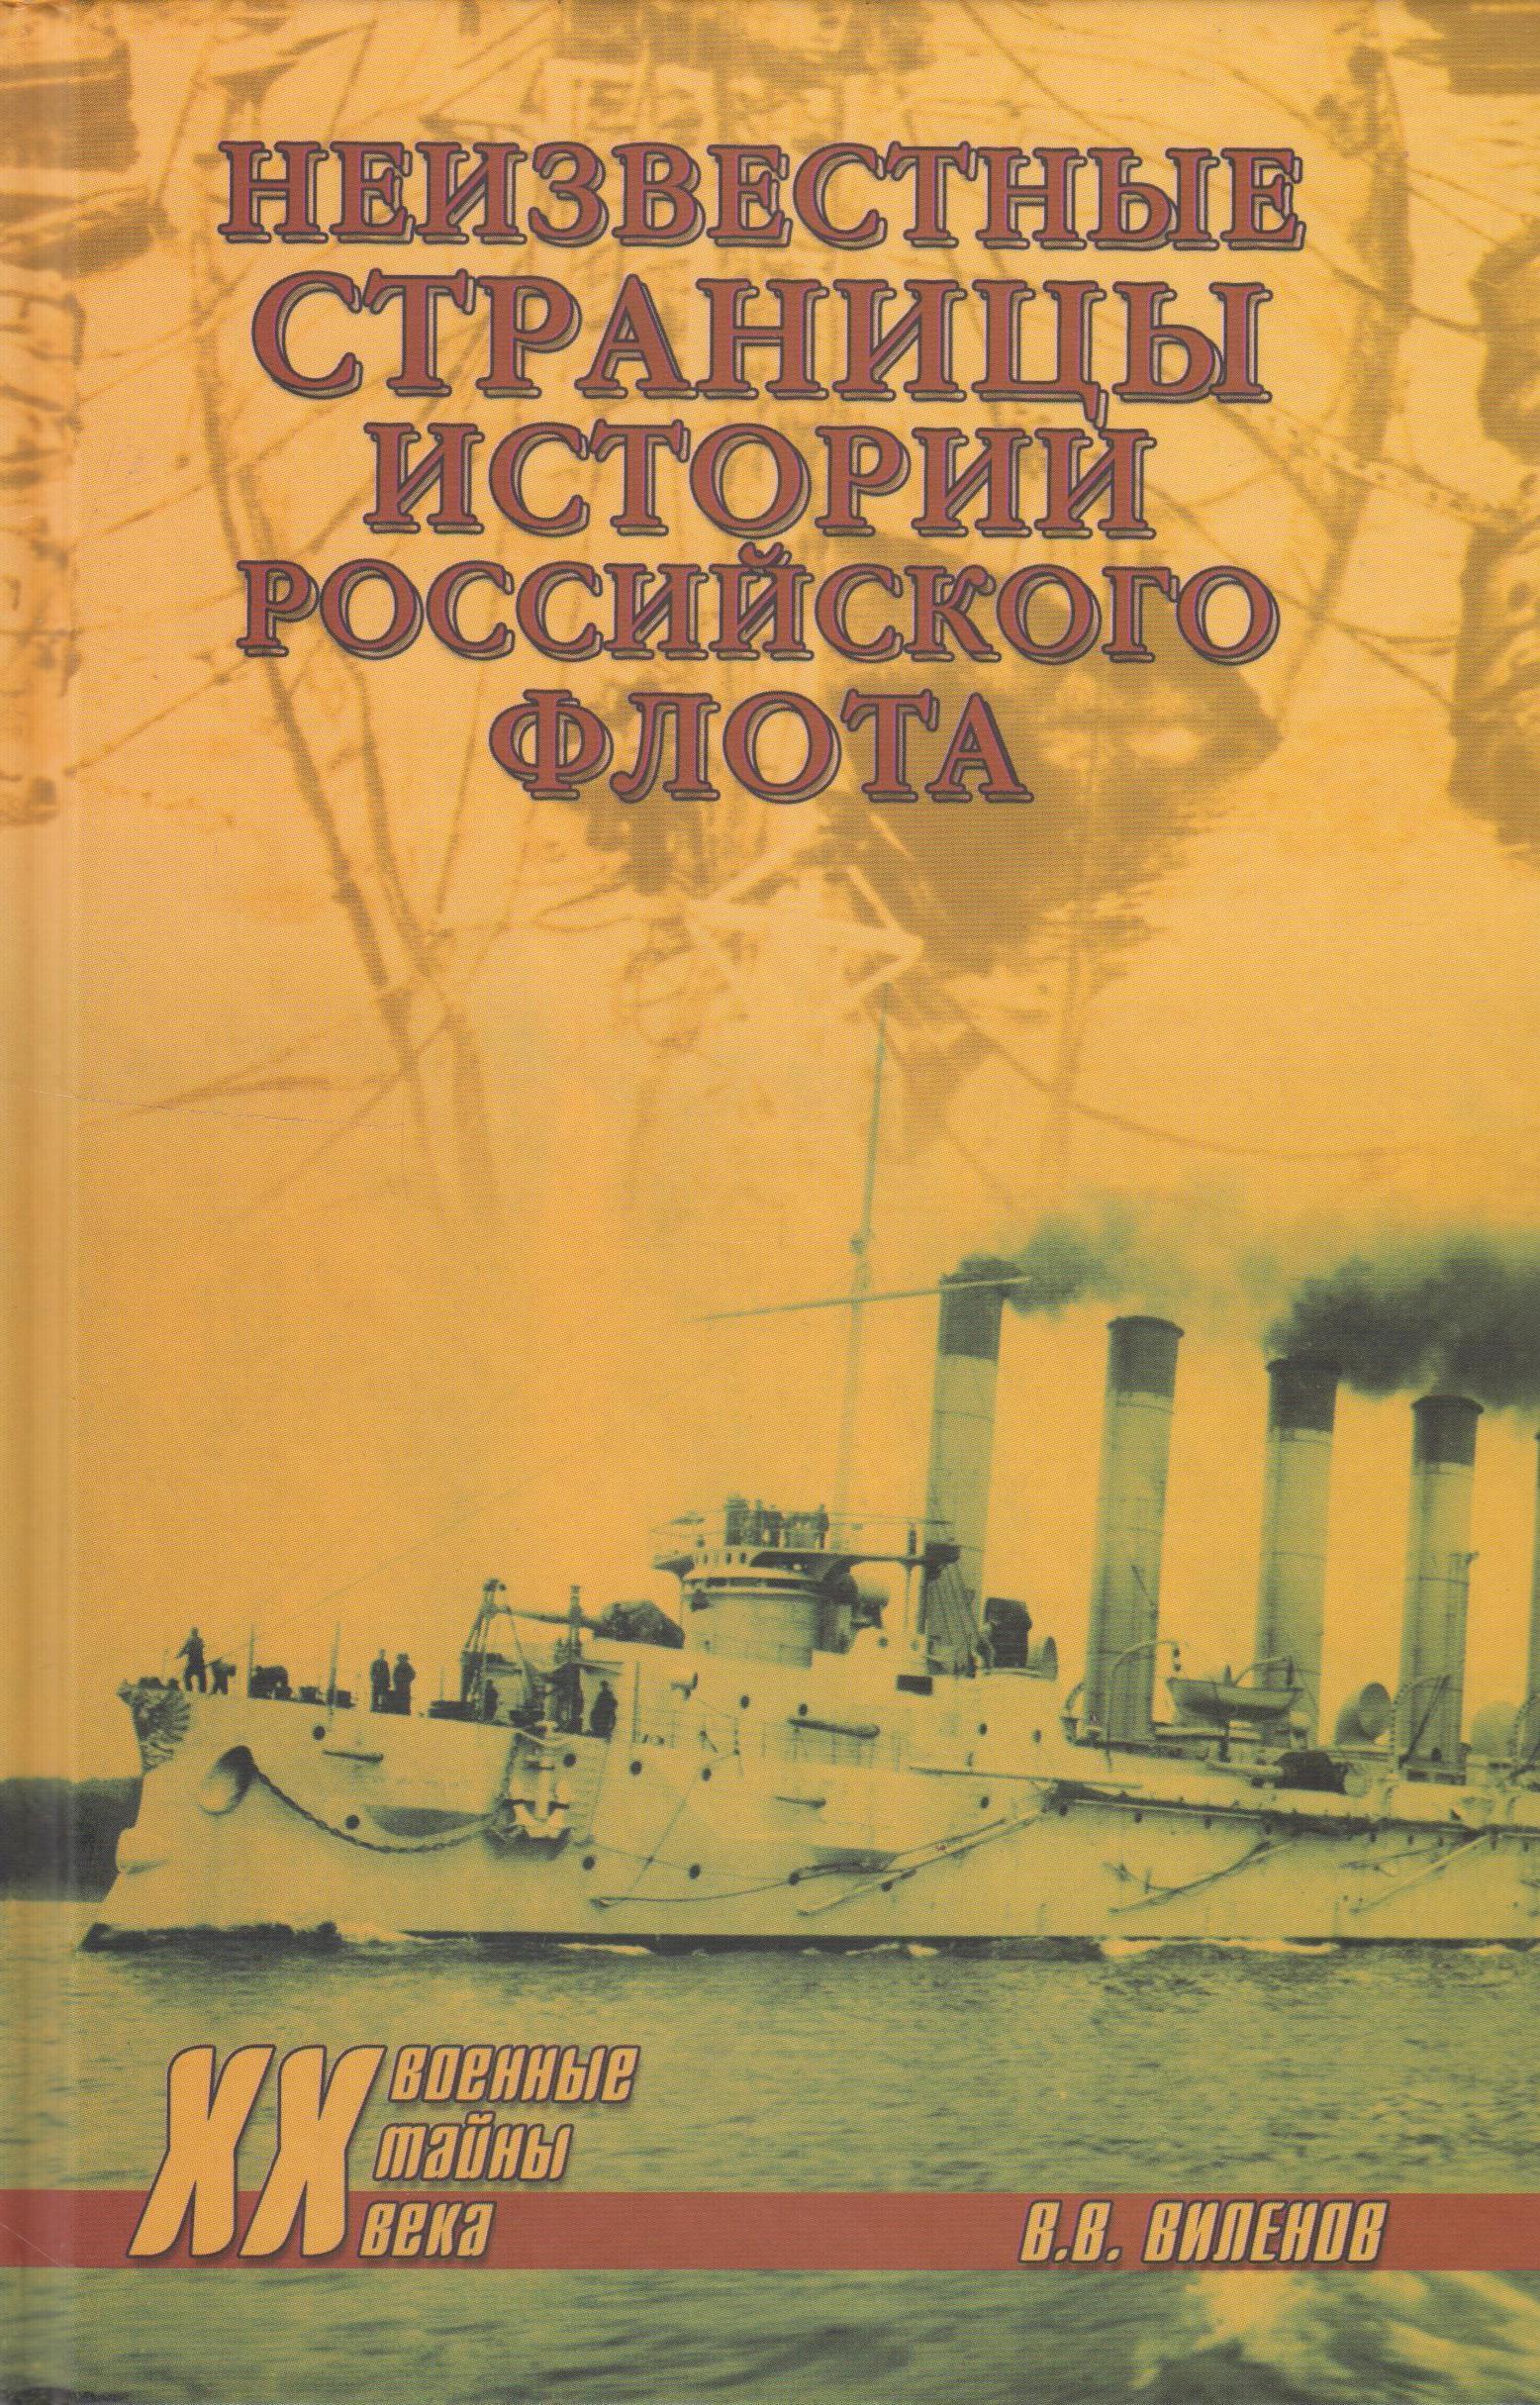 Виленов Влад Неизвестные страницы истории российского флота